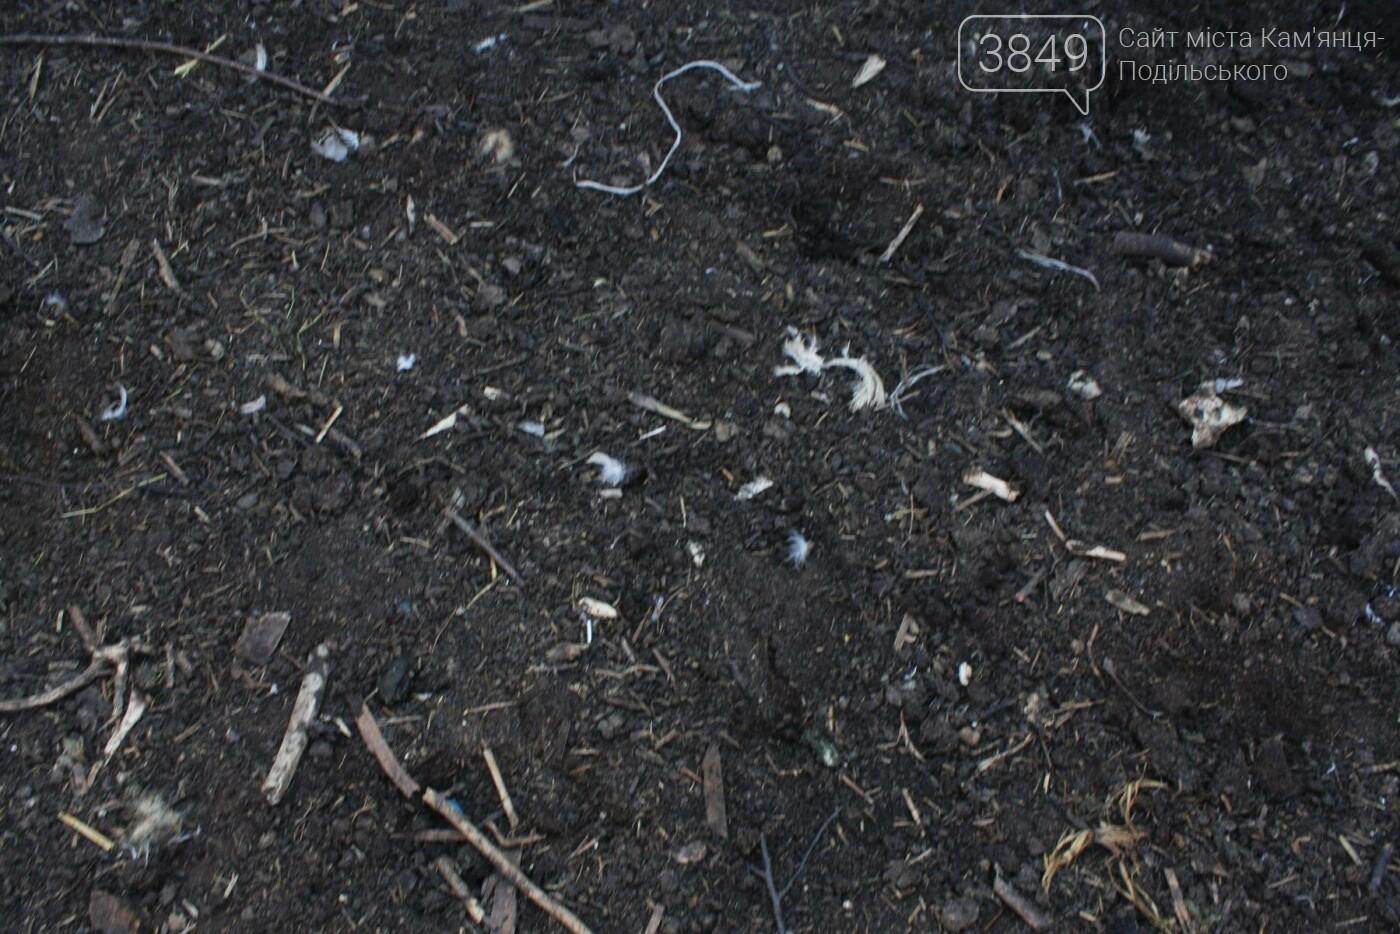 """В Кам'янці відбулось """"народне віче"""" щодо жорстокого поводження з тваринами, фото-20"""